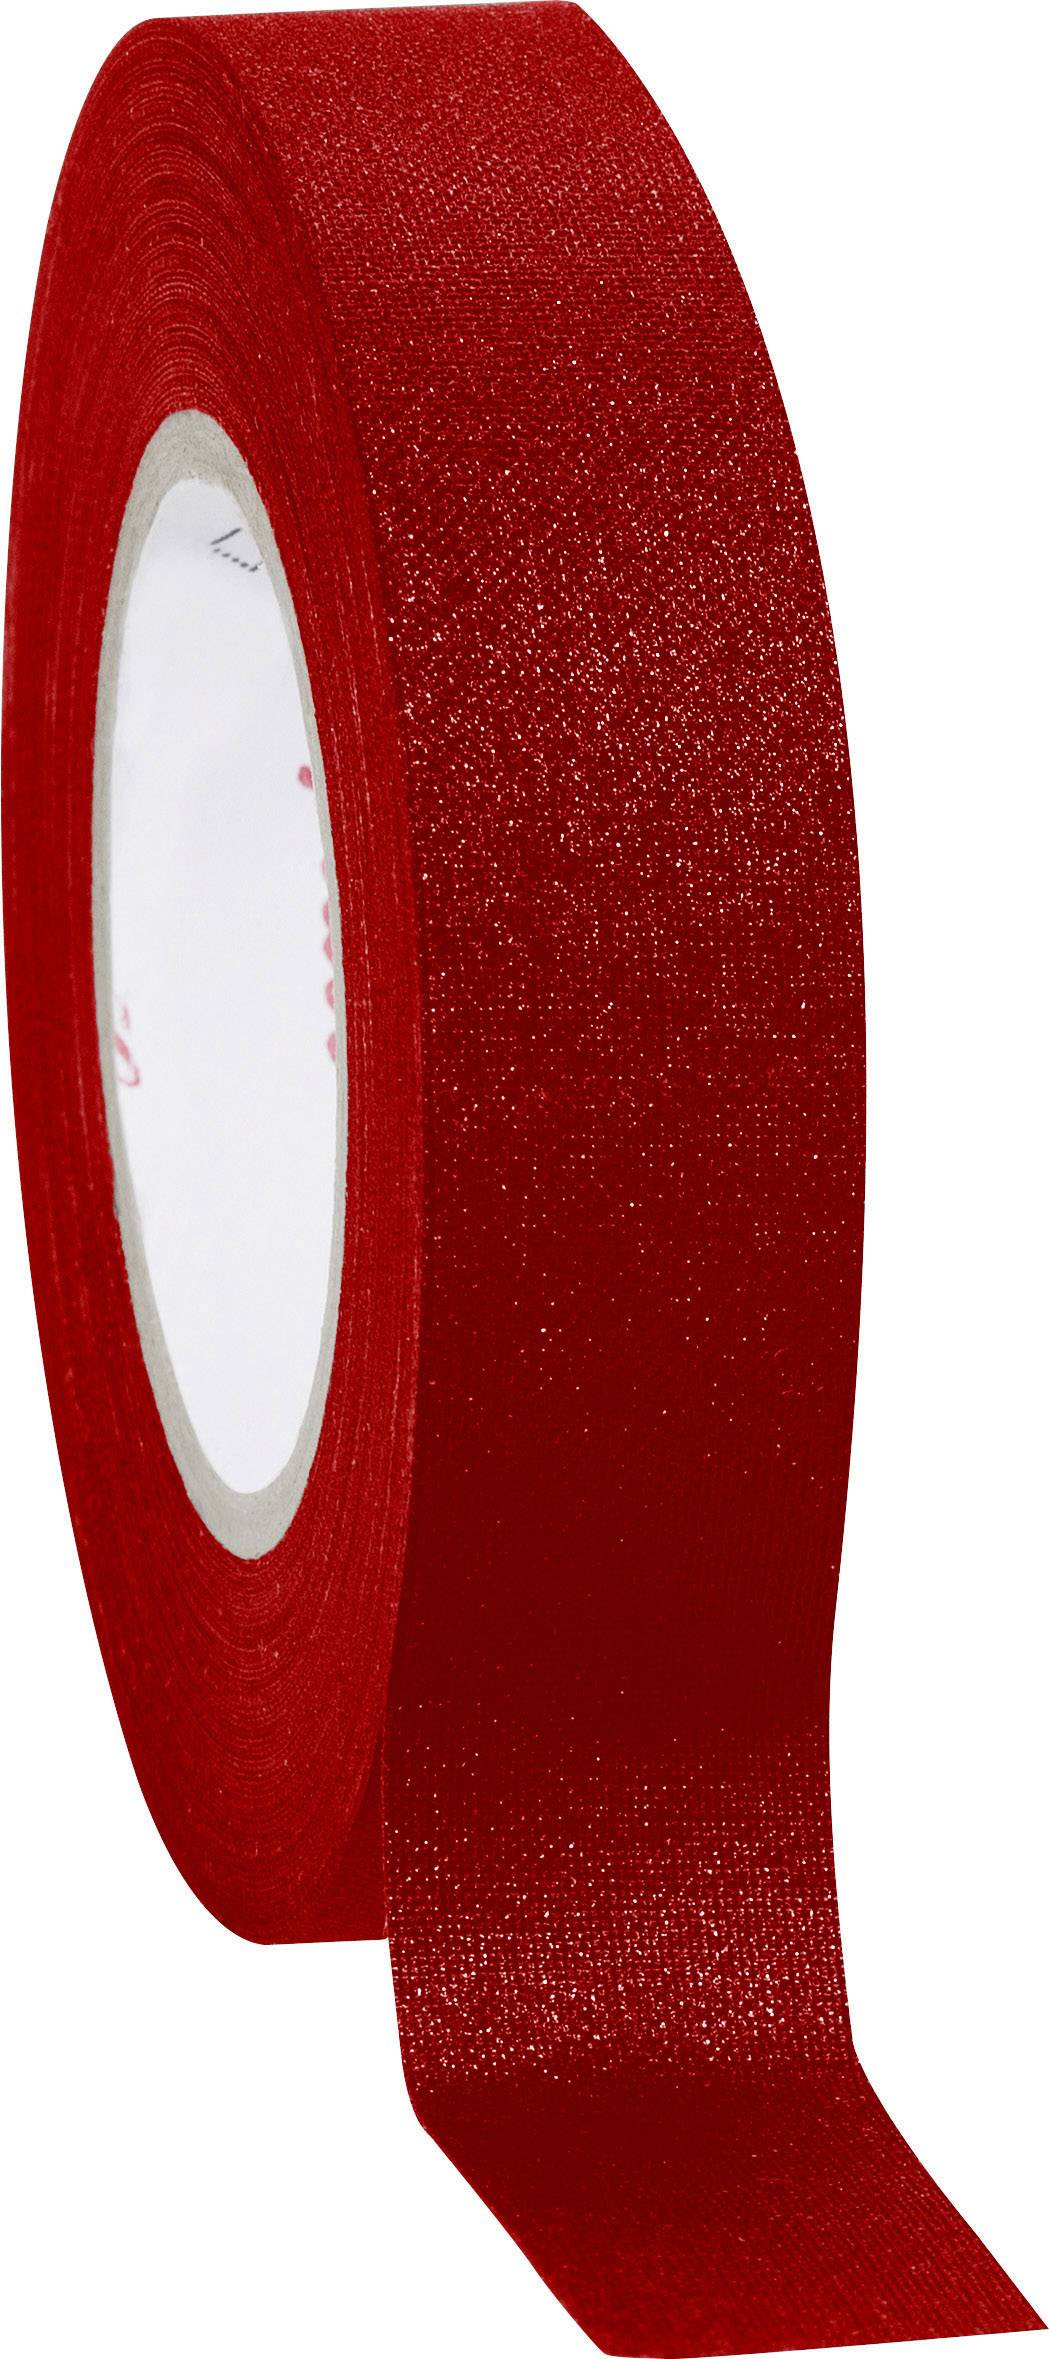 Páska so skleným vláknom Coroplast 16140 16140, (d x š) 10 m x 15 mm, červená, 1 roliek